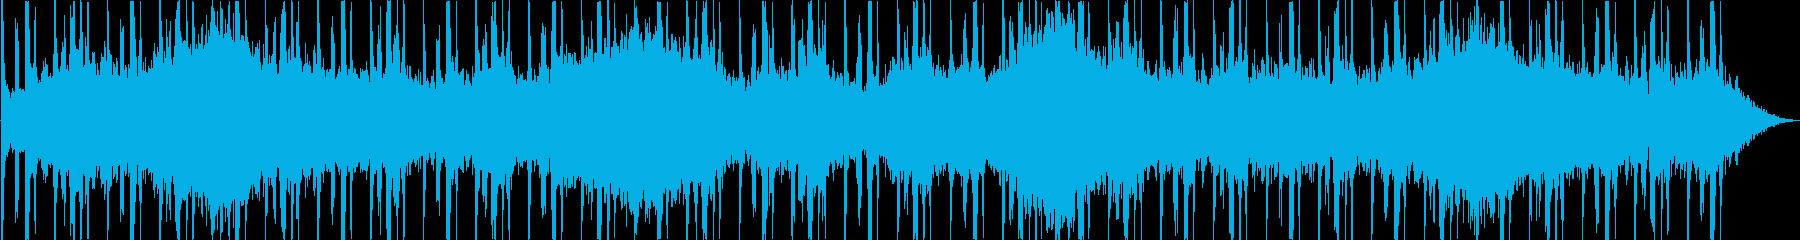 シーケンス 電子グリッチビート01の再生済みの波形